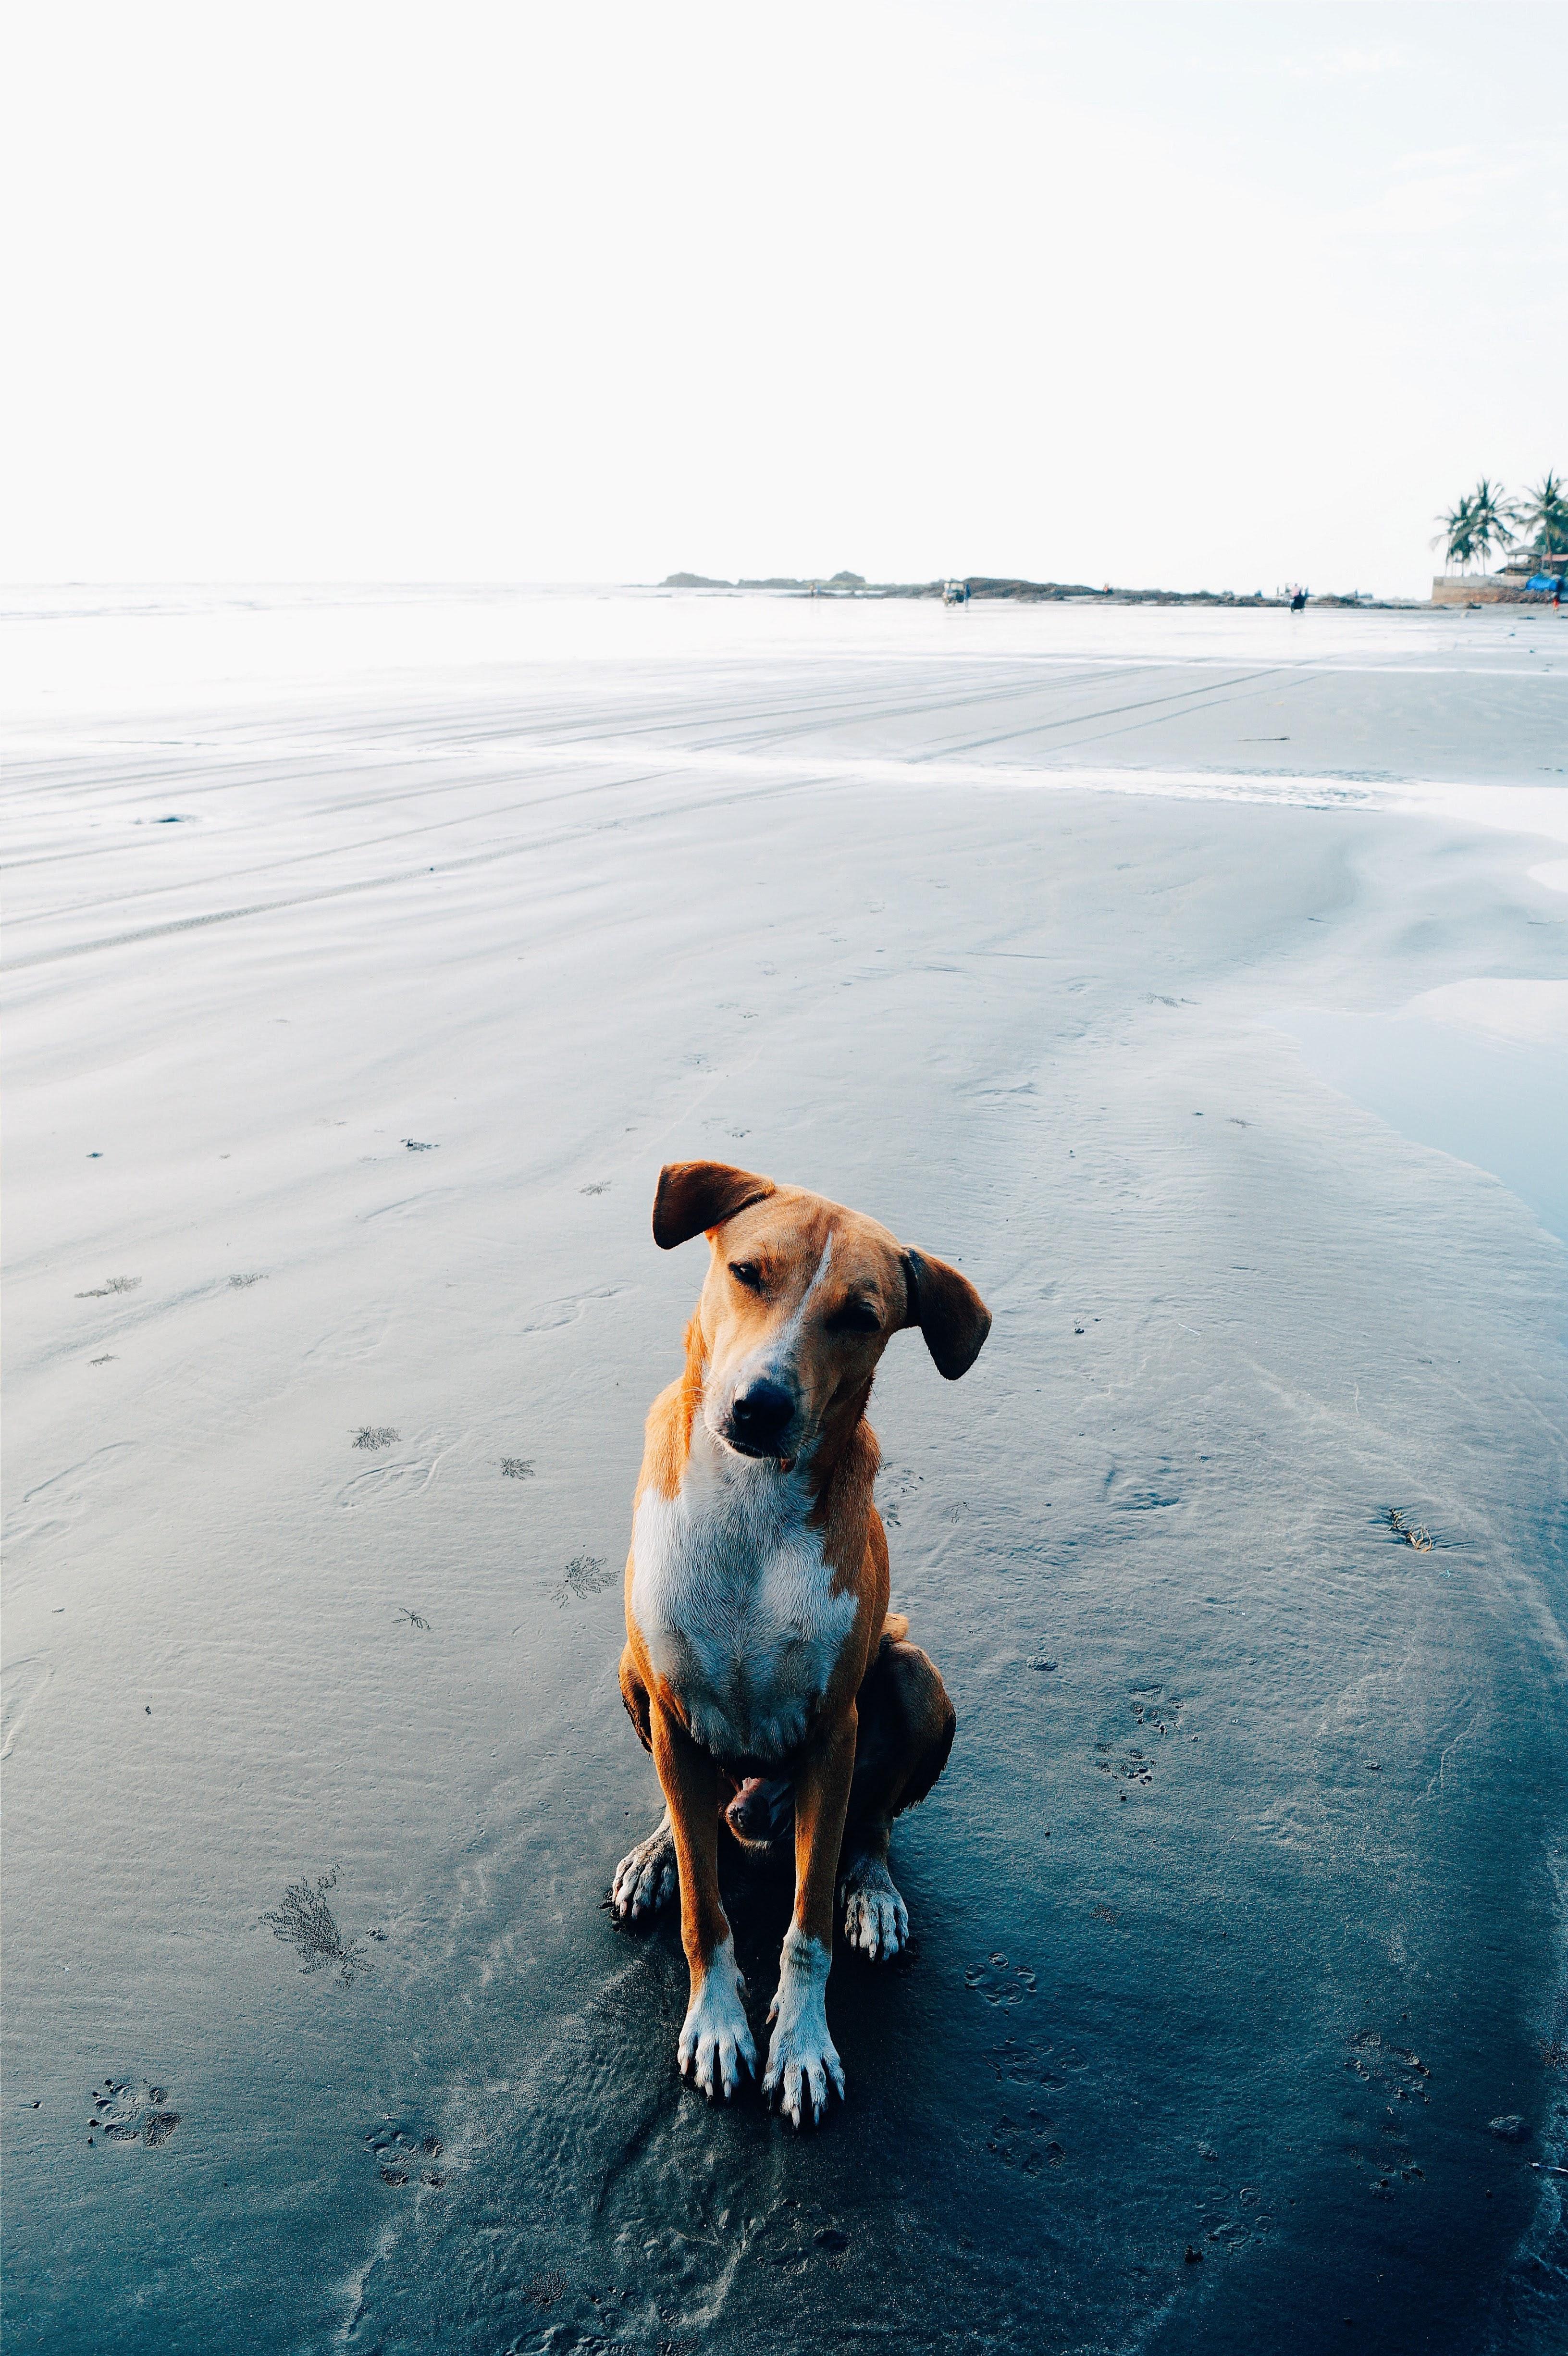 """pexels pranjal srivastava 2470612 - Por que o meu cão esfrega o """"bumbum"""" no chão, geralmente depois de defecar?"""